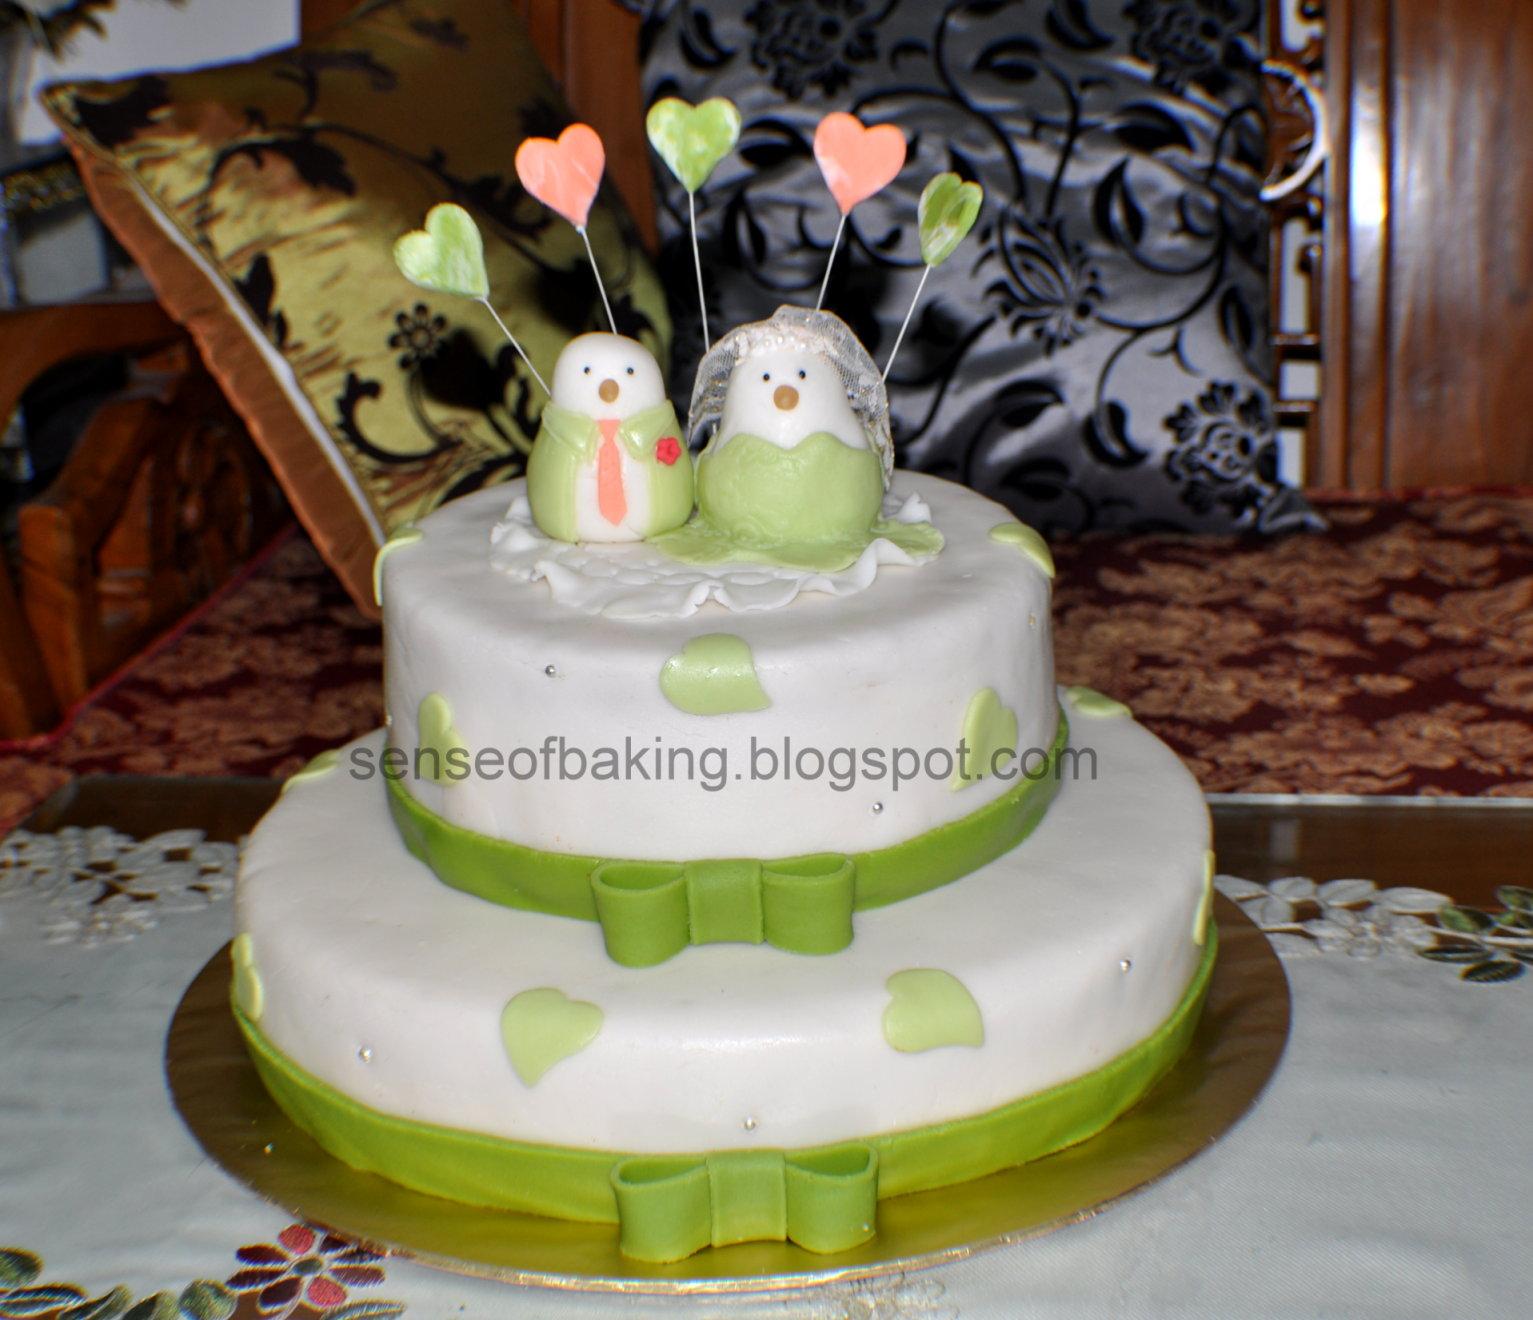 Cookies For Wedding Door Gift : Senseofbaking: Wedding cakes & cookies for kids door gift